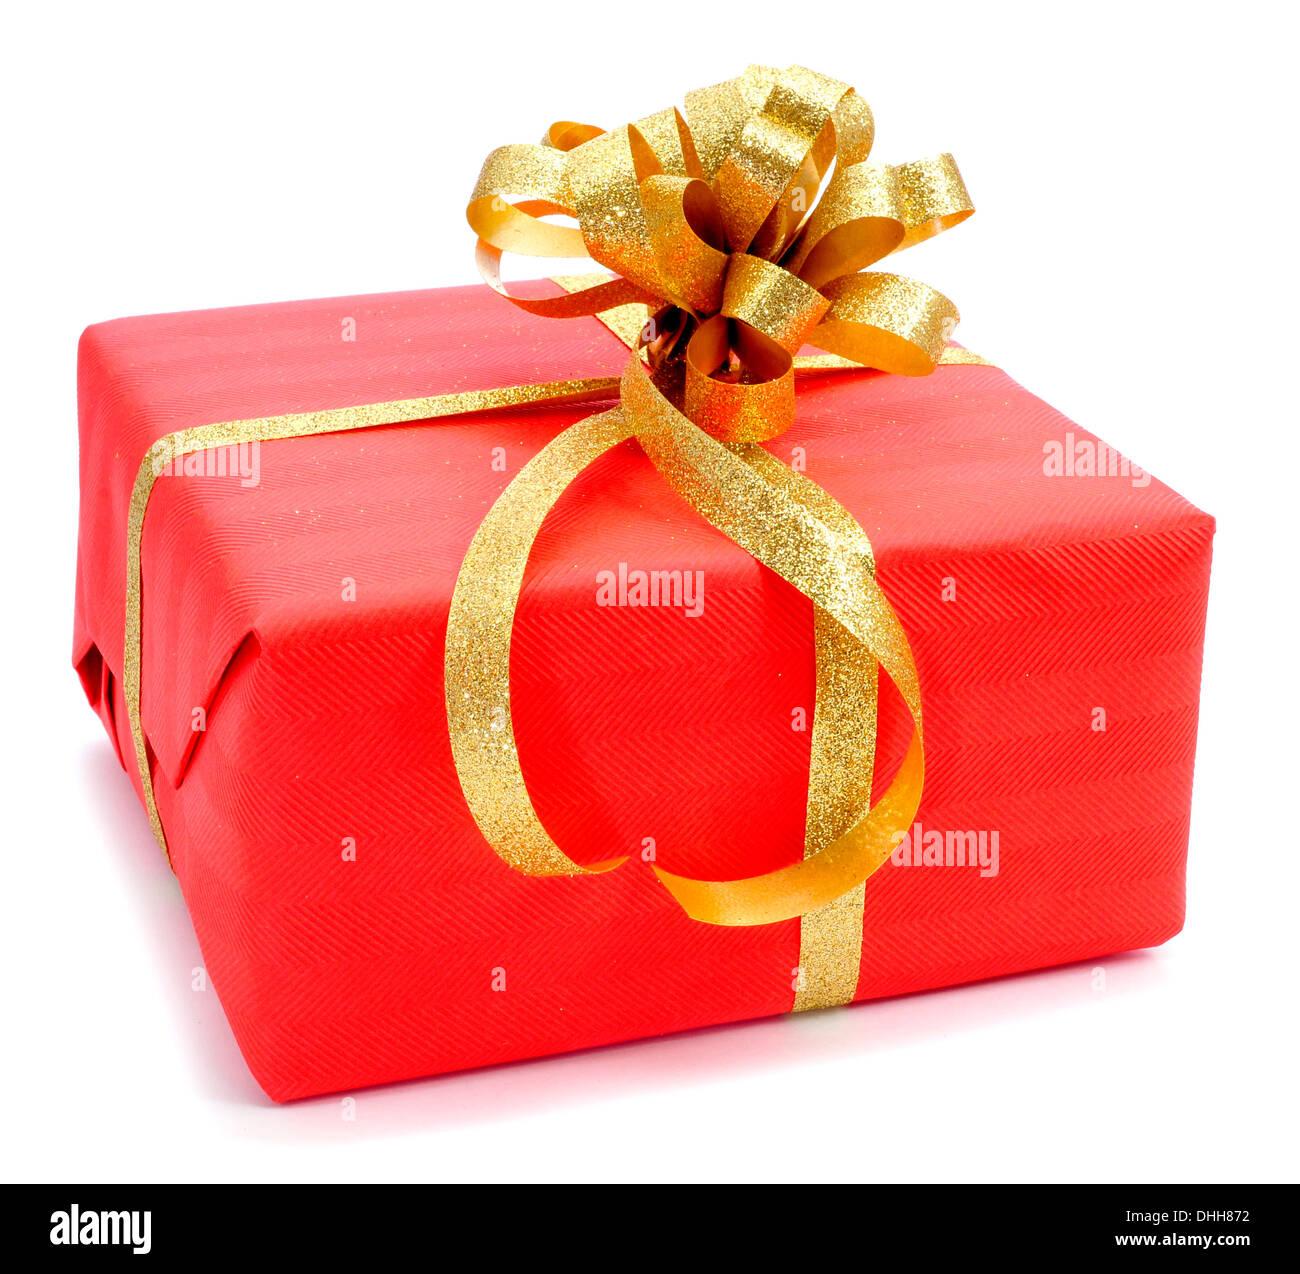 Un cadeau enveloppé de papier d'emballage et rouge avec un ruban doré sur fond blanc Photo Stock